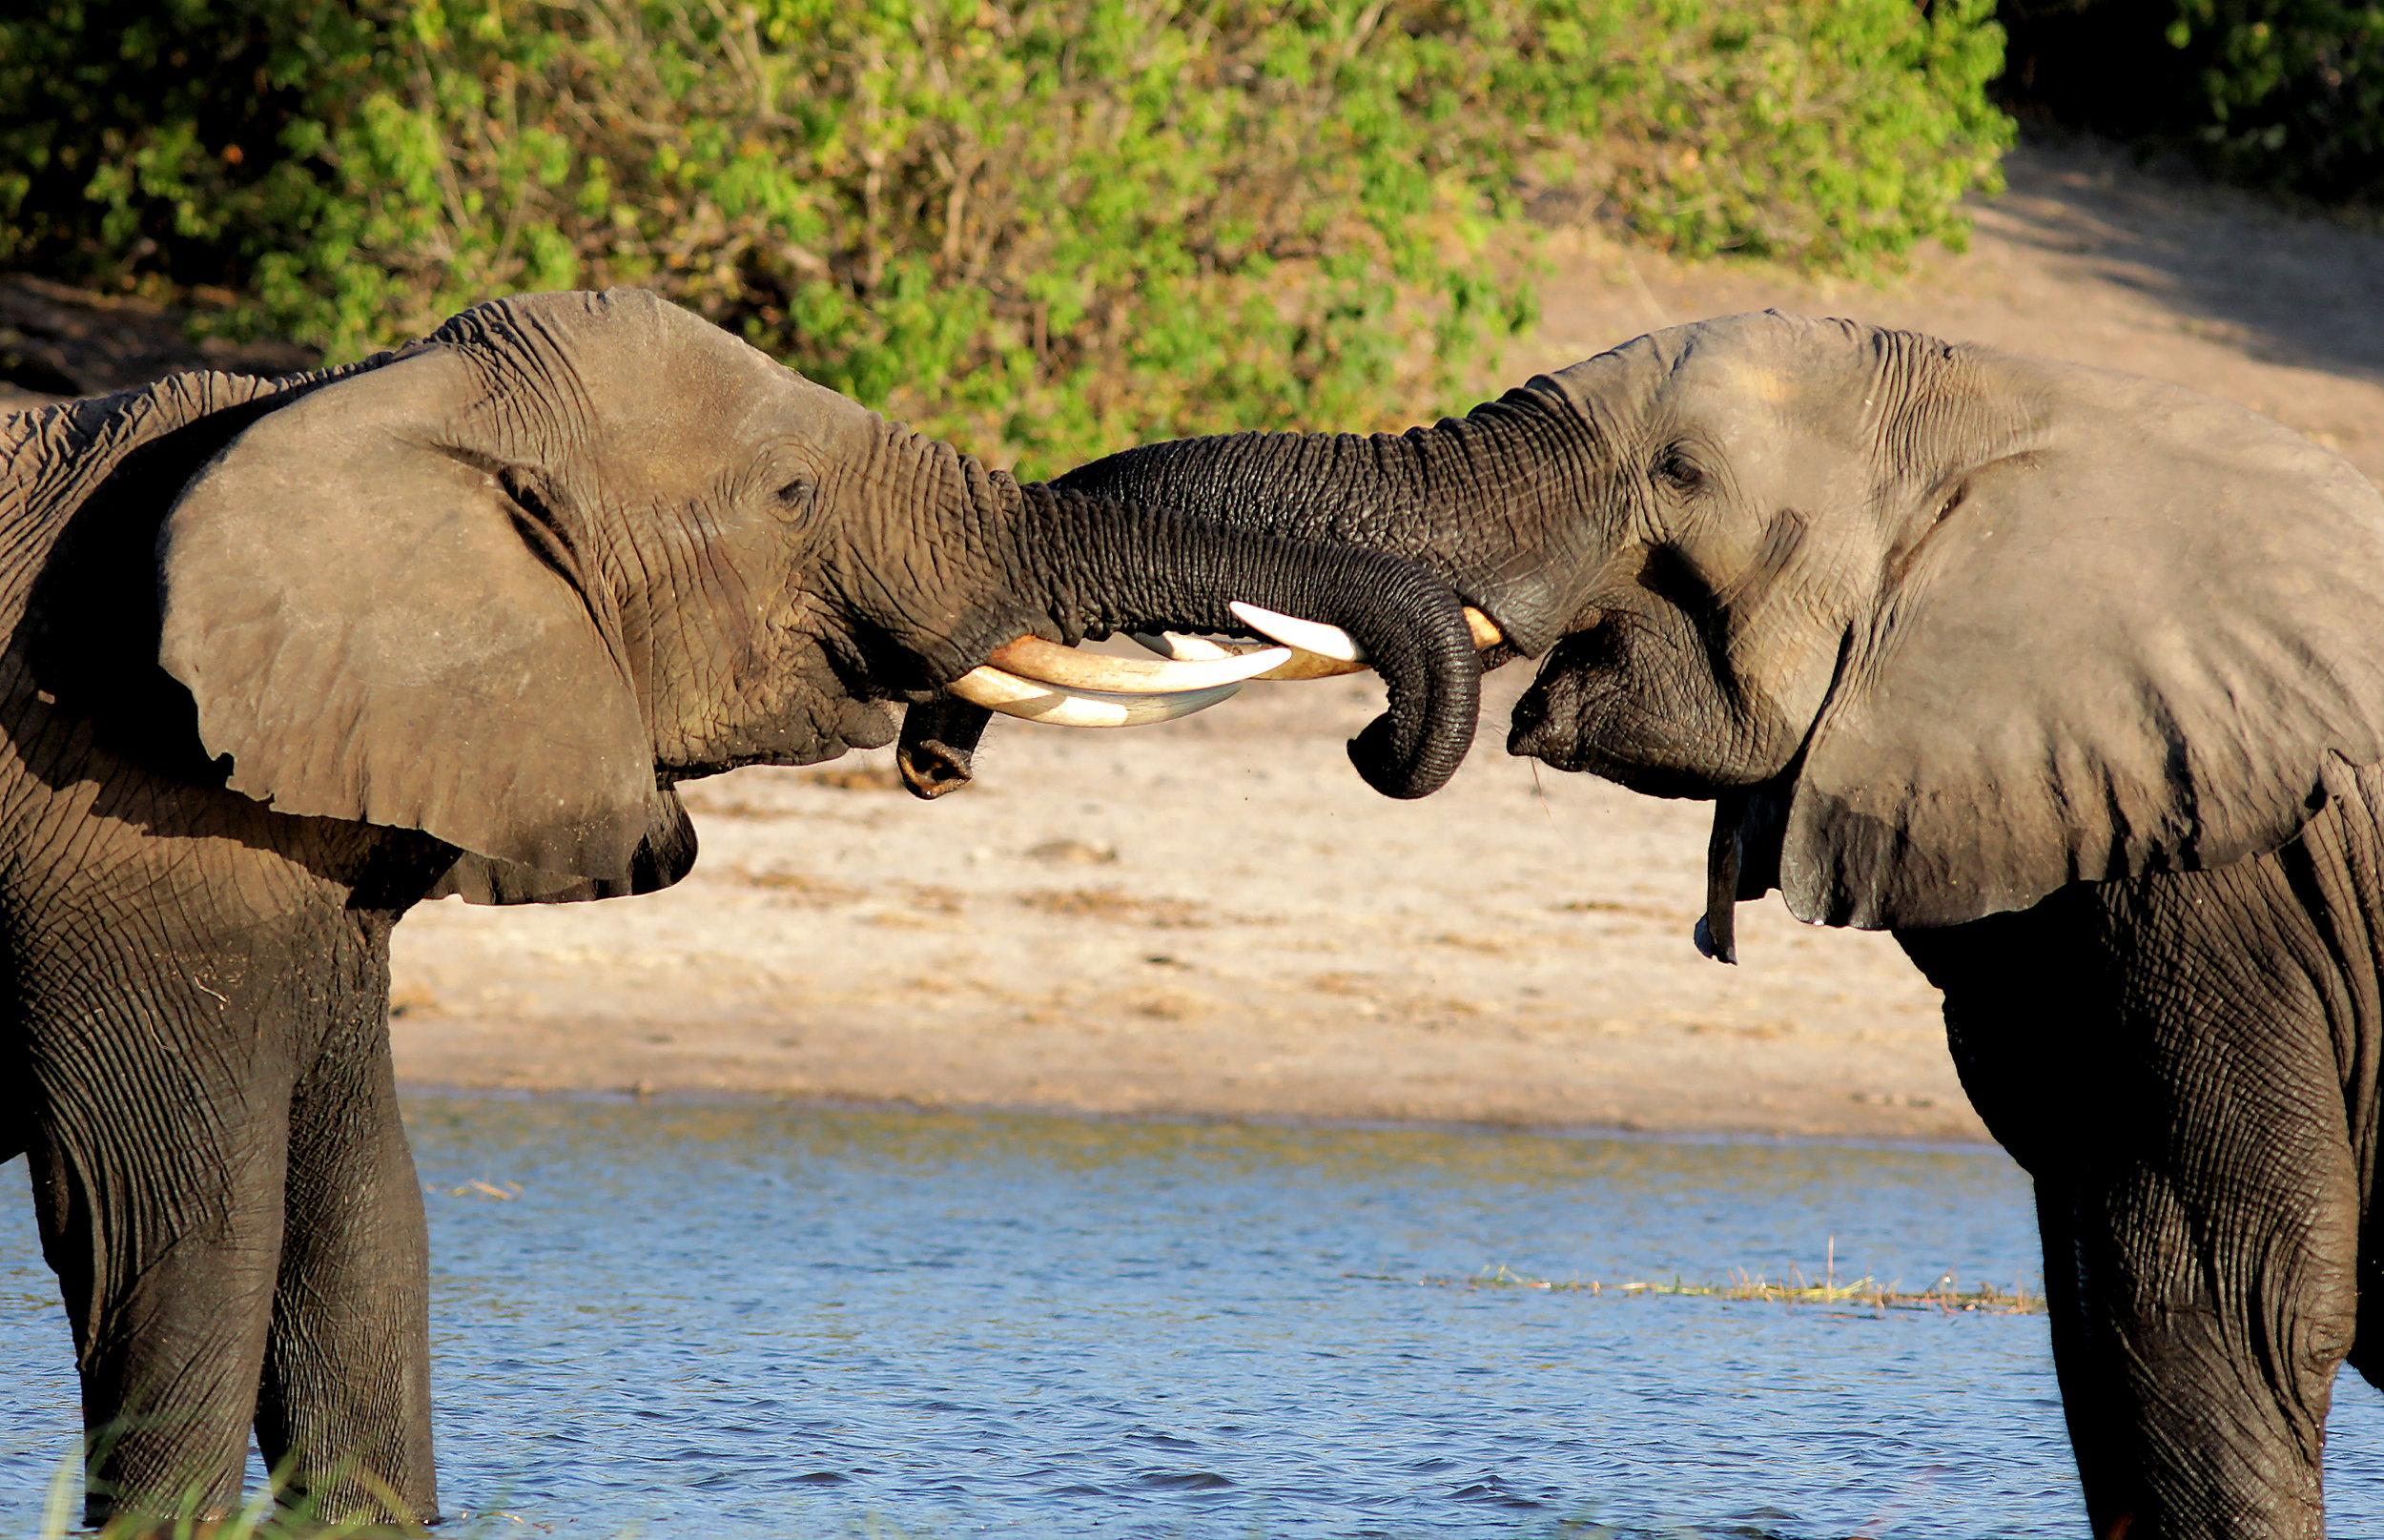 Gaborone, Botswana - Si has soñado con hacer un safari en tu vida y tienes un presupuesto limitado, la capital de Botswana puede ser tu respuesta. Una ciudad pequeña, limpia y accesible que te permitirá conectarte con algunas de las reservas naturales más impresionantes de África sin tener que gastar una fortuna. Desde Gaborone podrás conectar a Chobe National Park o incluso la hermosa delta del Okavango. La infraestructura de Bostwana es muy buena cuando se compara con otros países de la África subsaharina. Aquí podrás conseguir buenos hospedajes desde $80 a $150 dolares por noche.